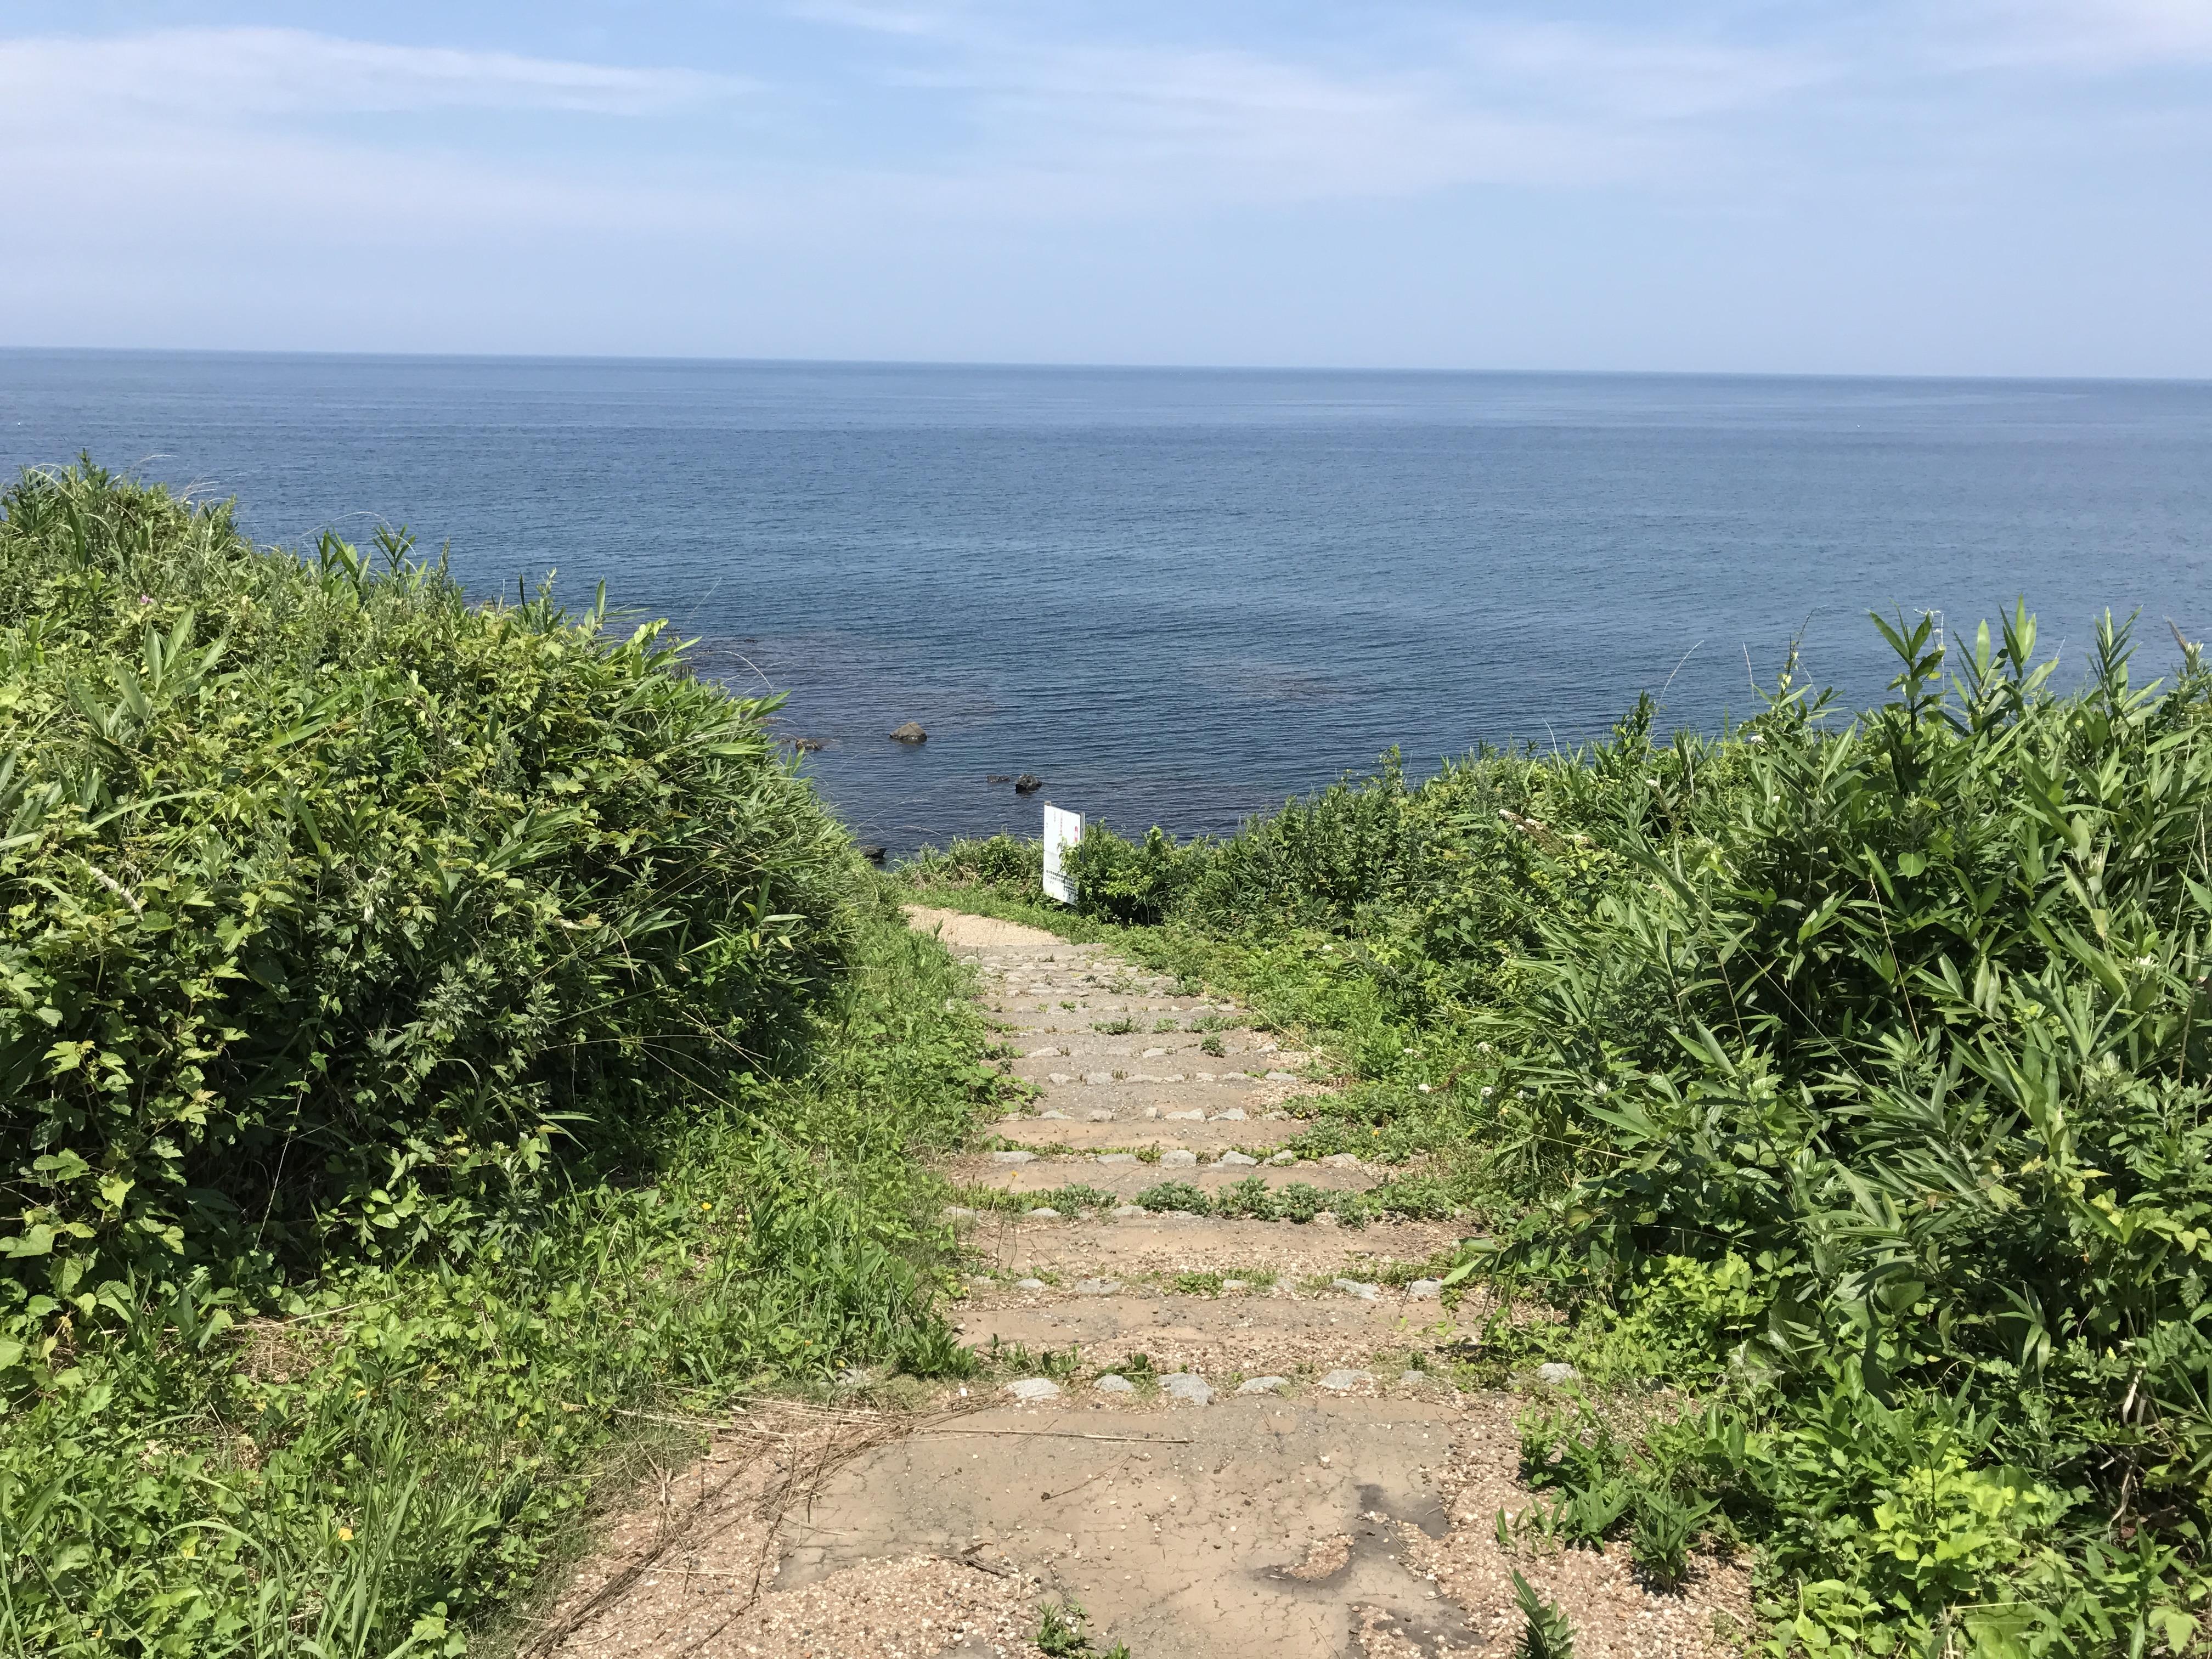 三国海浜自然公園周辺遊歩道